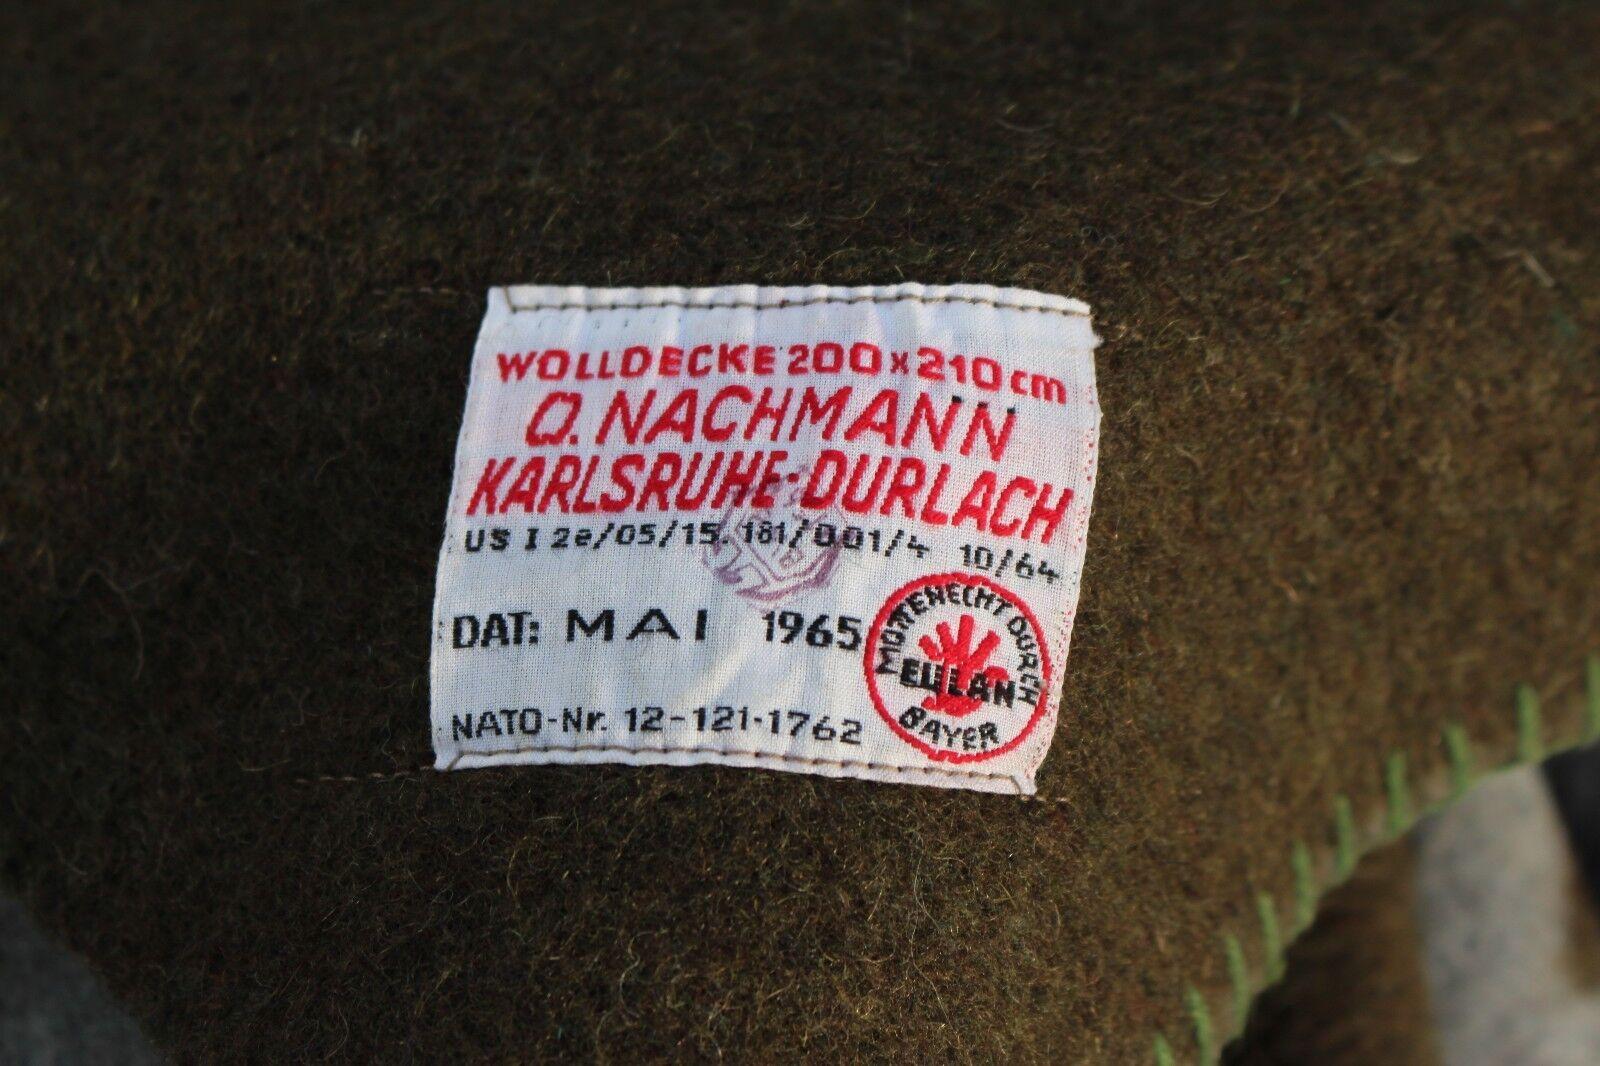 braune Pferdedecke Schlafdecke 220x130cm gebrauchte Bundeswehr Wolldecke orig